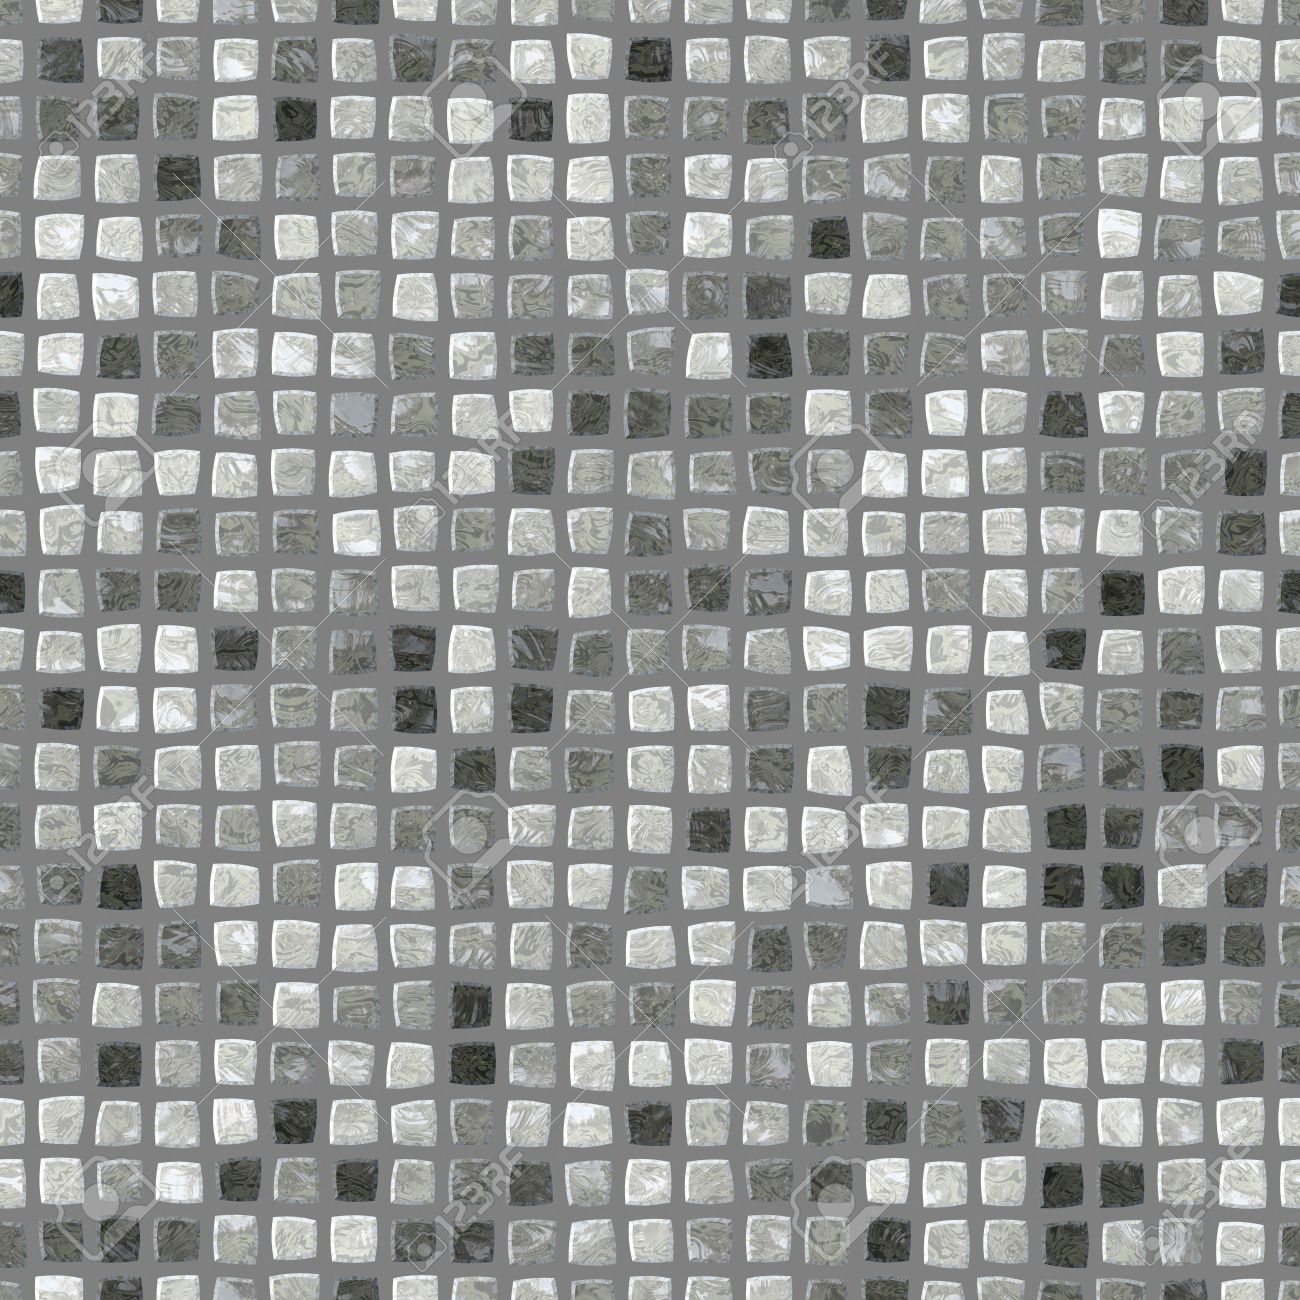 Schwarz Weiß Grau RetroMosaikMuster Nahtlose Digital Gerendert - Mosaik fliesen grau glänzend